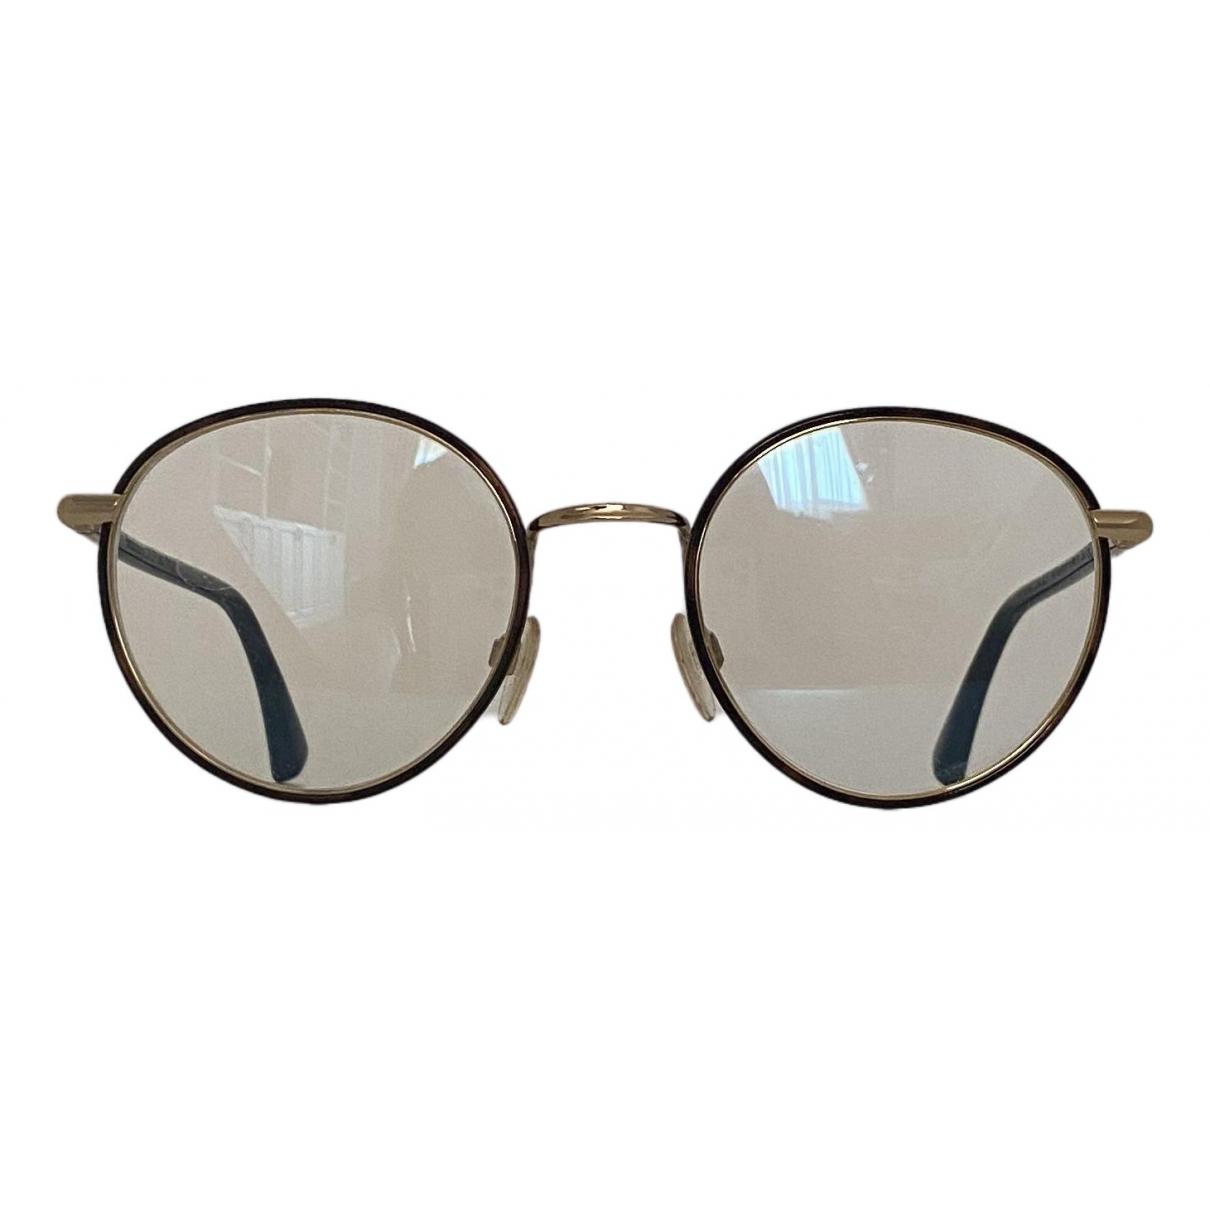 Gafas oversize Cutler & Gross